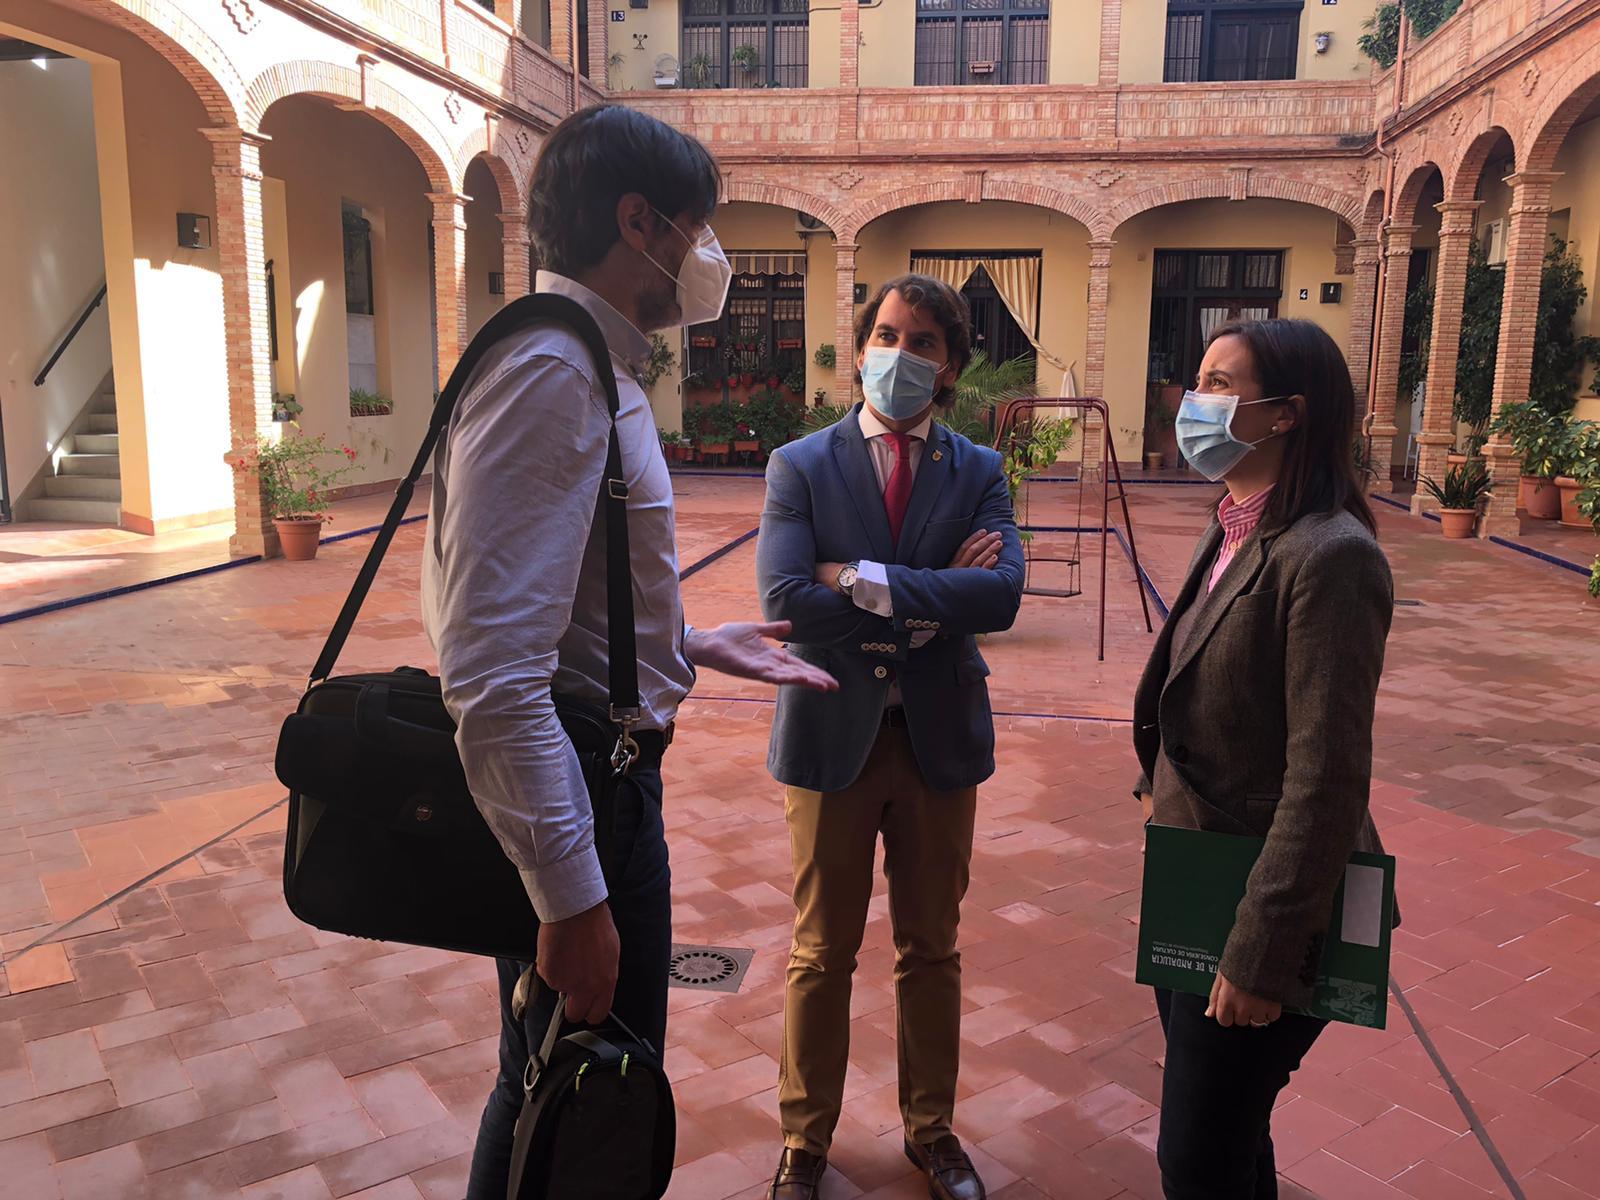 La Junta de Andalucía invierte 127.000 euros en la mejora de carreteras y viviendas en Cabra